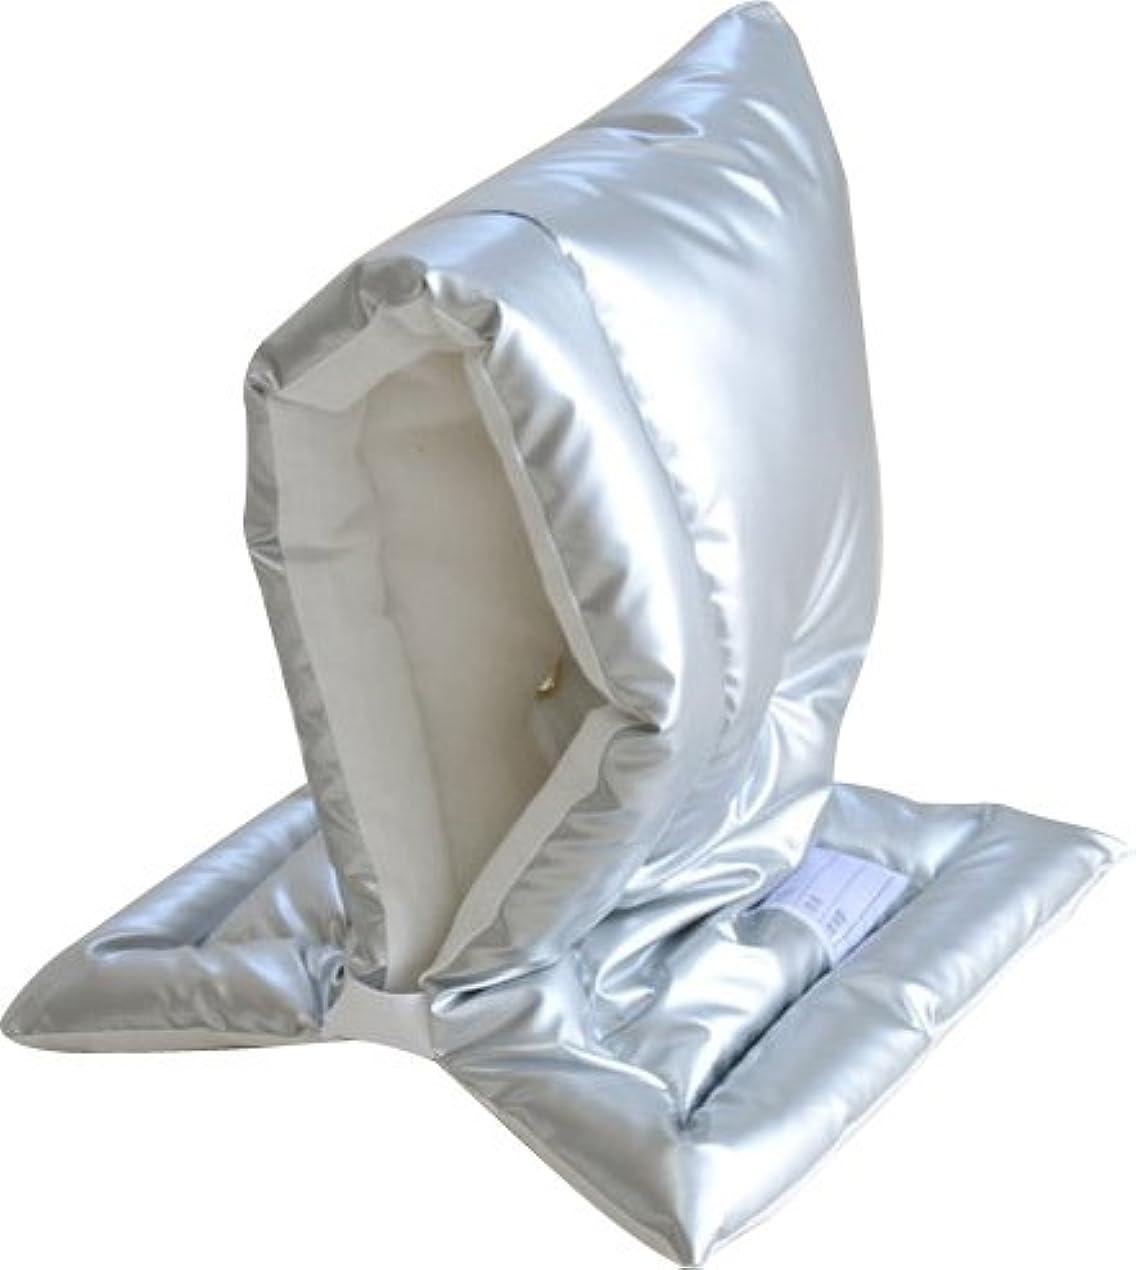 フロンティアスリム原始的なアルミ防災頭巾 [ホーム&キッチン] [ホーム&キッチン]